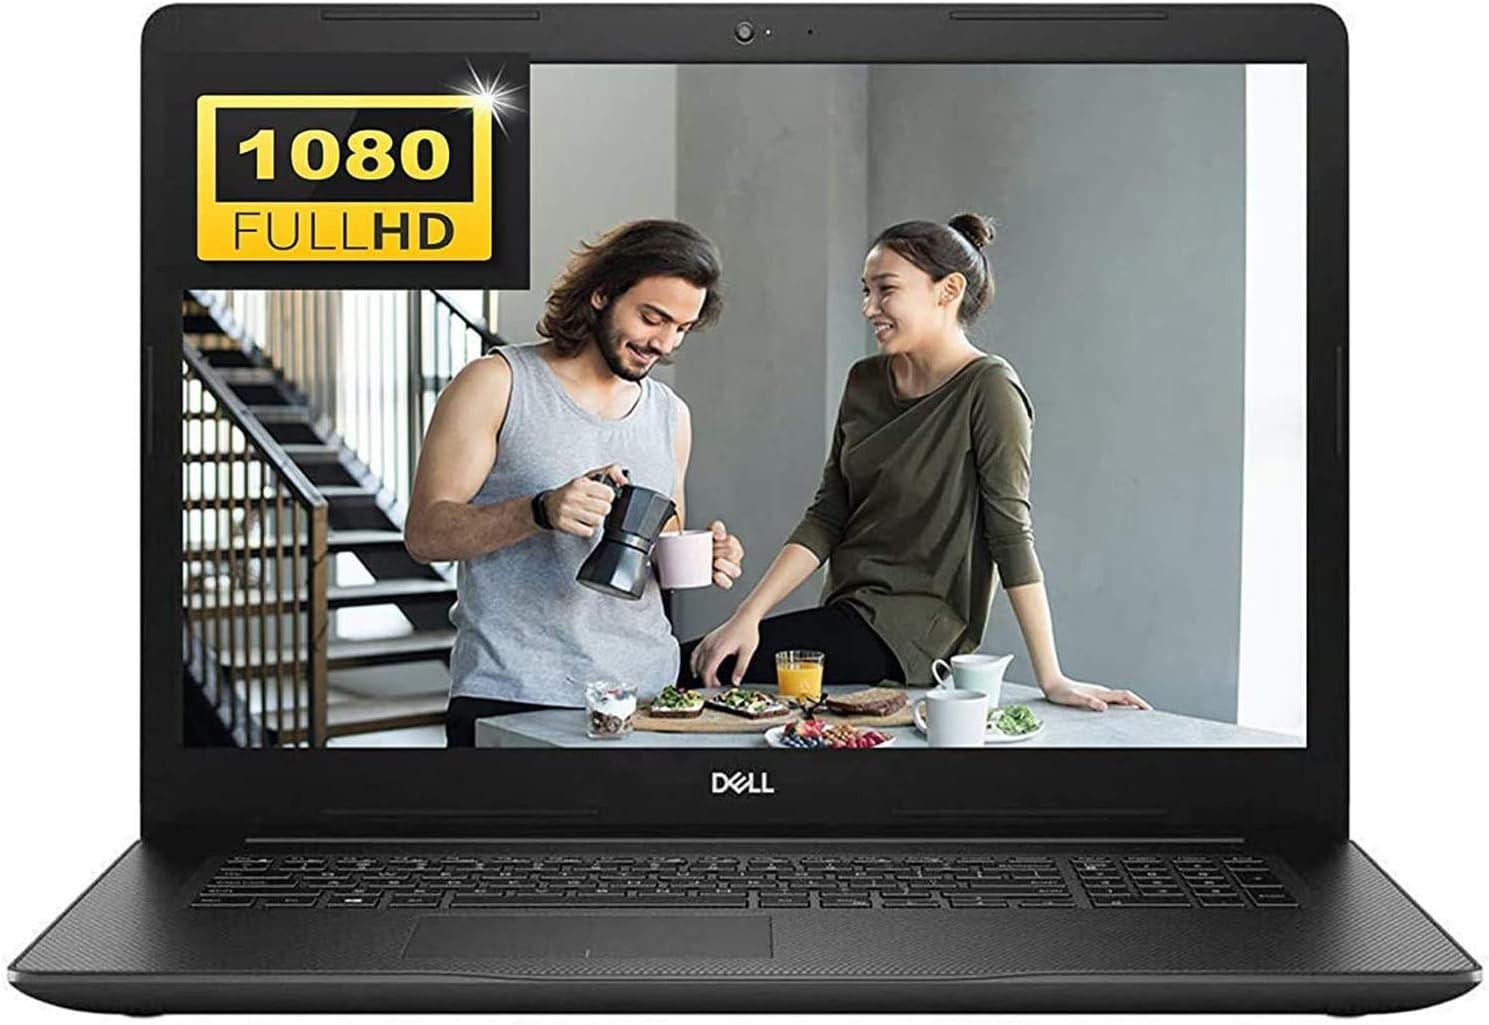 Dell Inspiron 17 3000 3793 Premium 2020 Business Laptop I 17.3 inch Full HD Display I 10th Gen Intel Quad-Core i7-1065G7 I 16GB DDR4 512GB SSD I WiFi HDMI Win 10 + Delca 16GB Micro SD Card